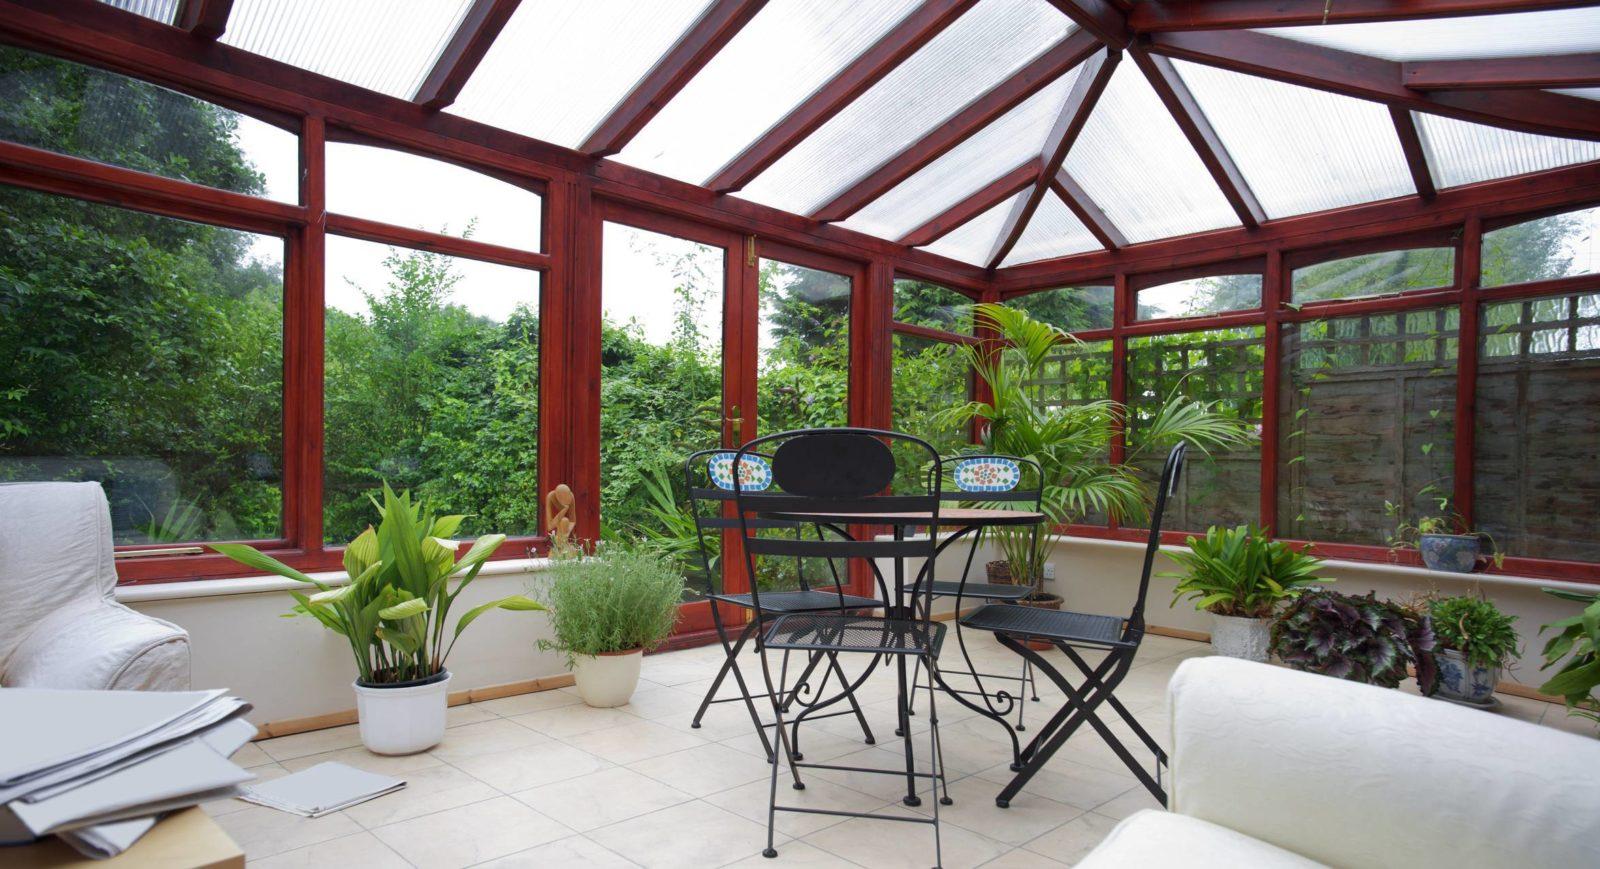 la véranda, une extension de choix pour votre habitation